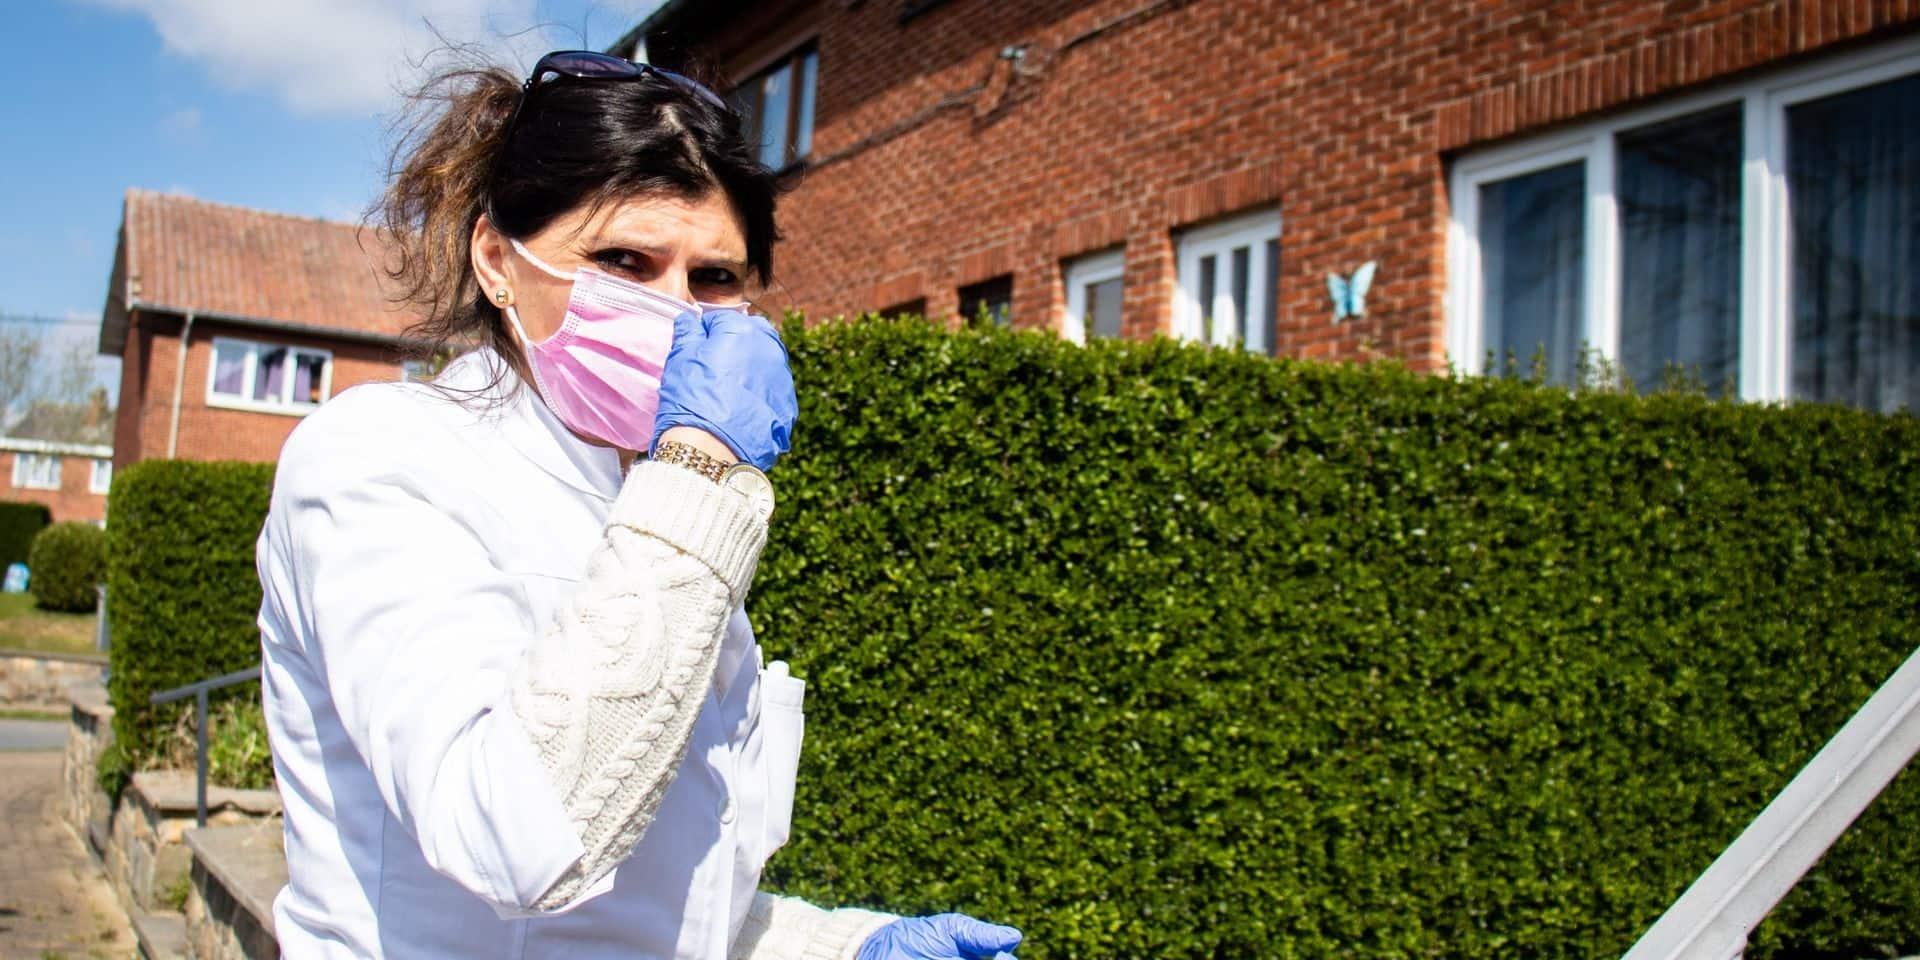 Les infirmiers à domicile recevront aussi la prime d'encouragement de 985 euros brut